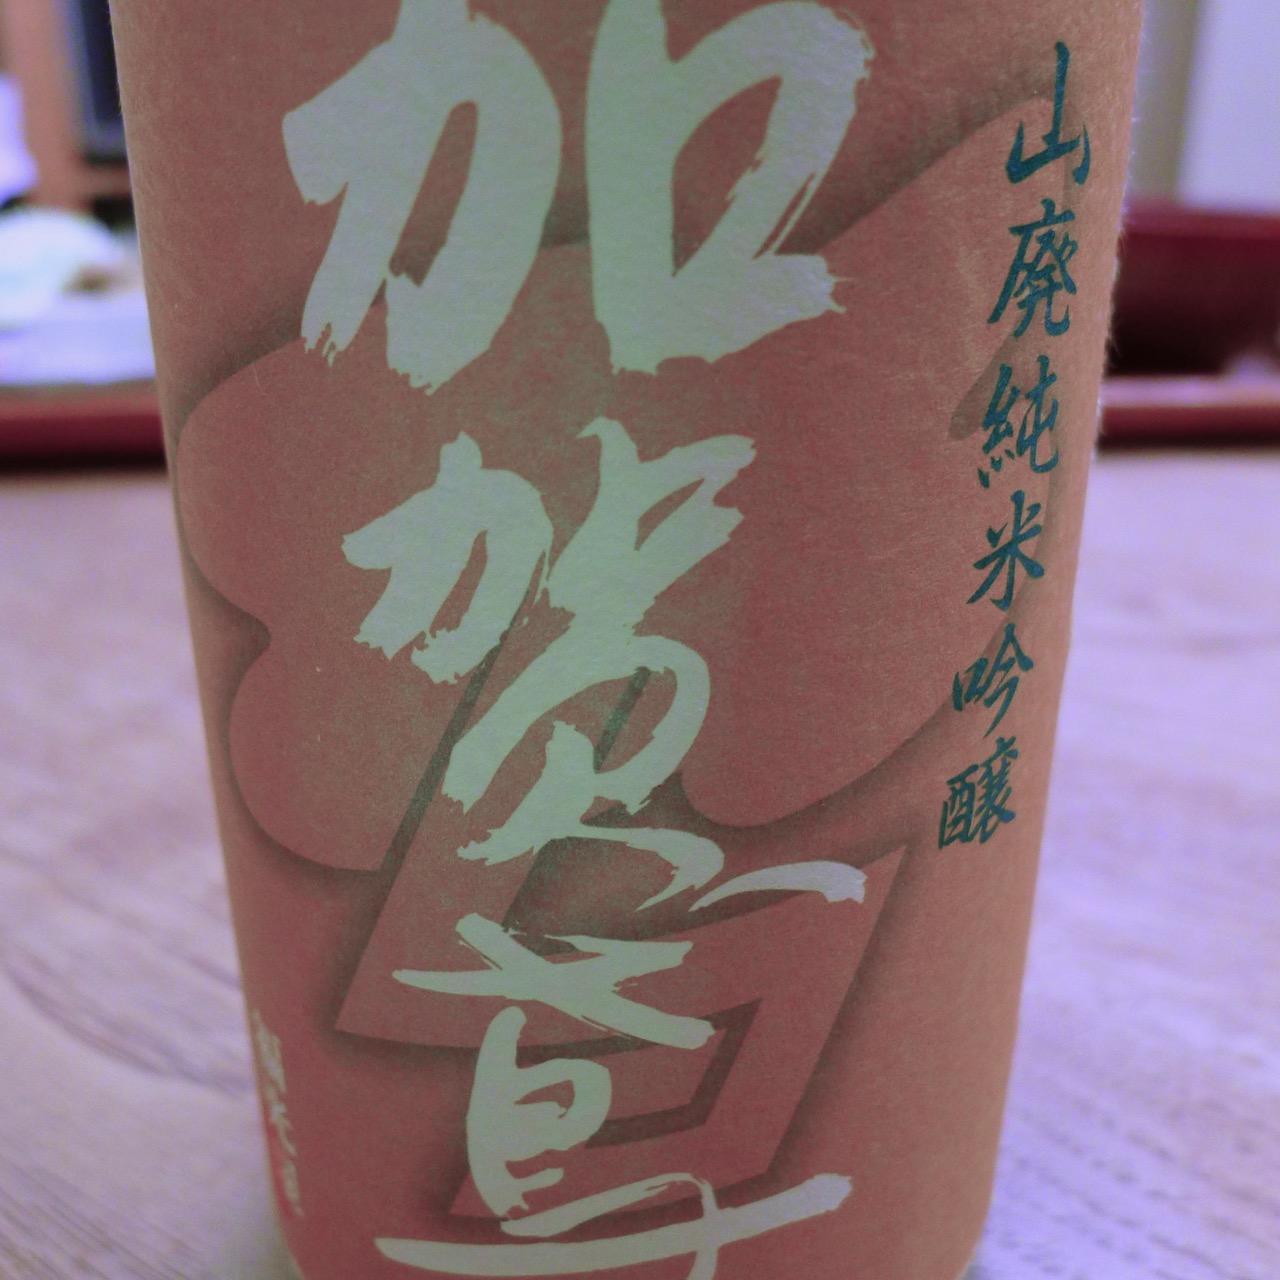 加賀鳶 山廃純米吟醸 冷やおろし|日本酒テイスティングノート